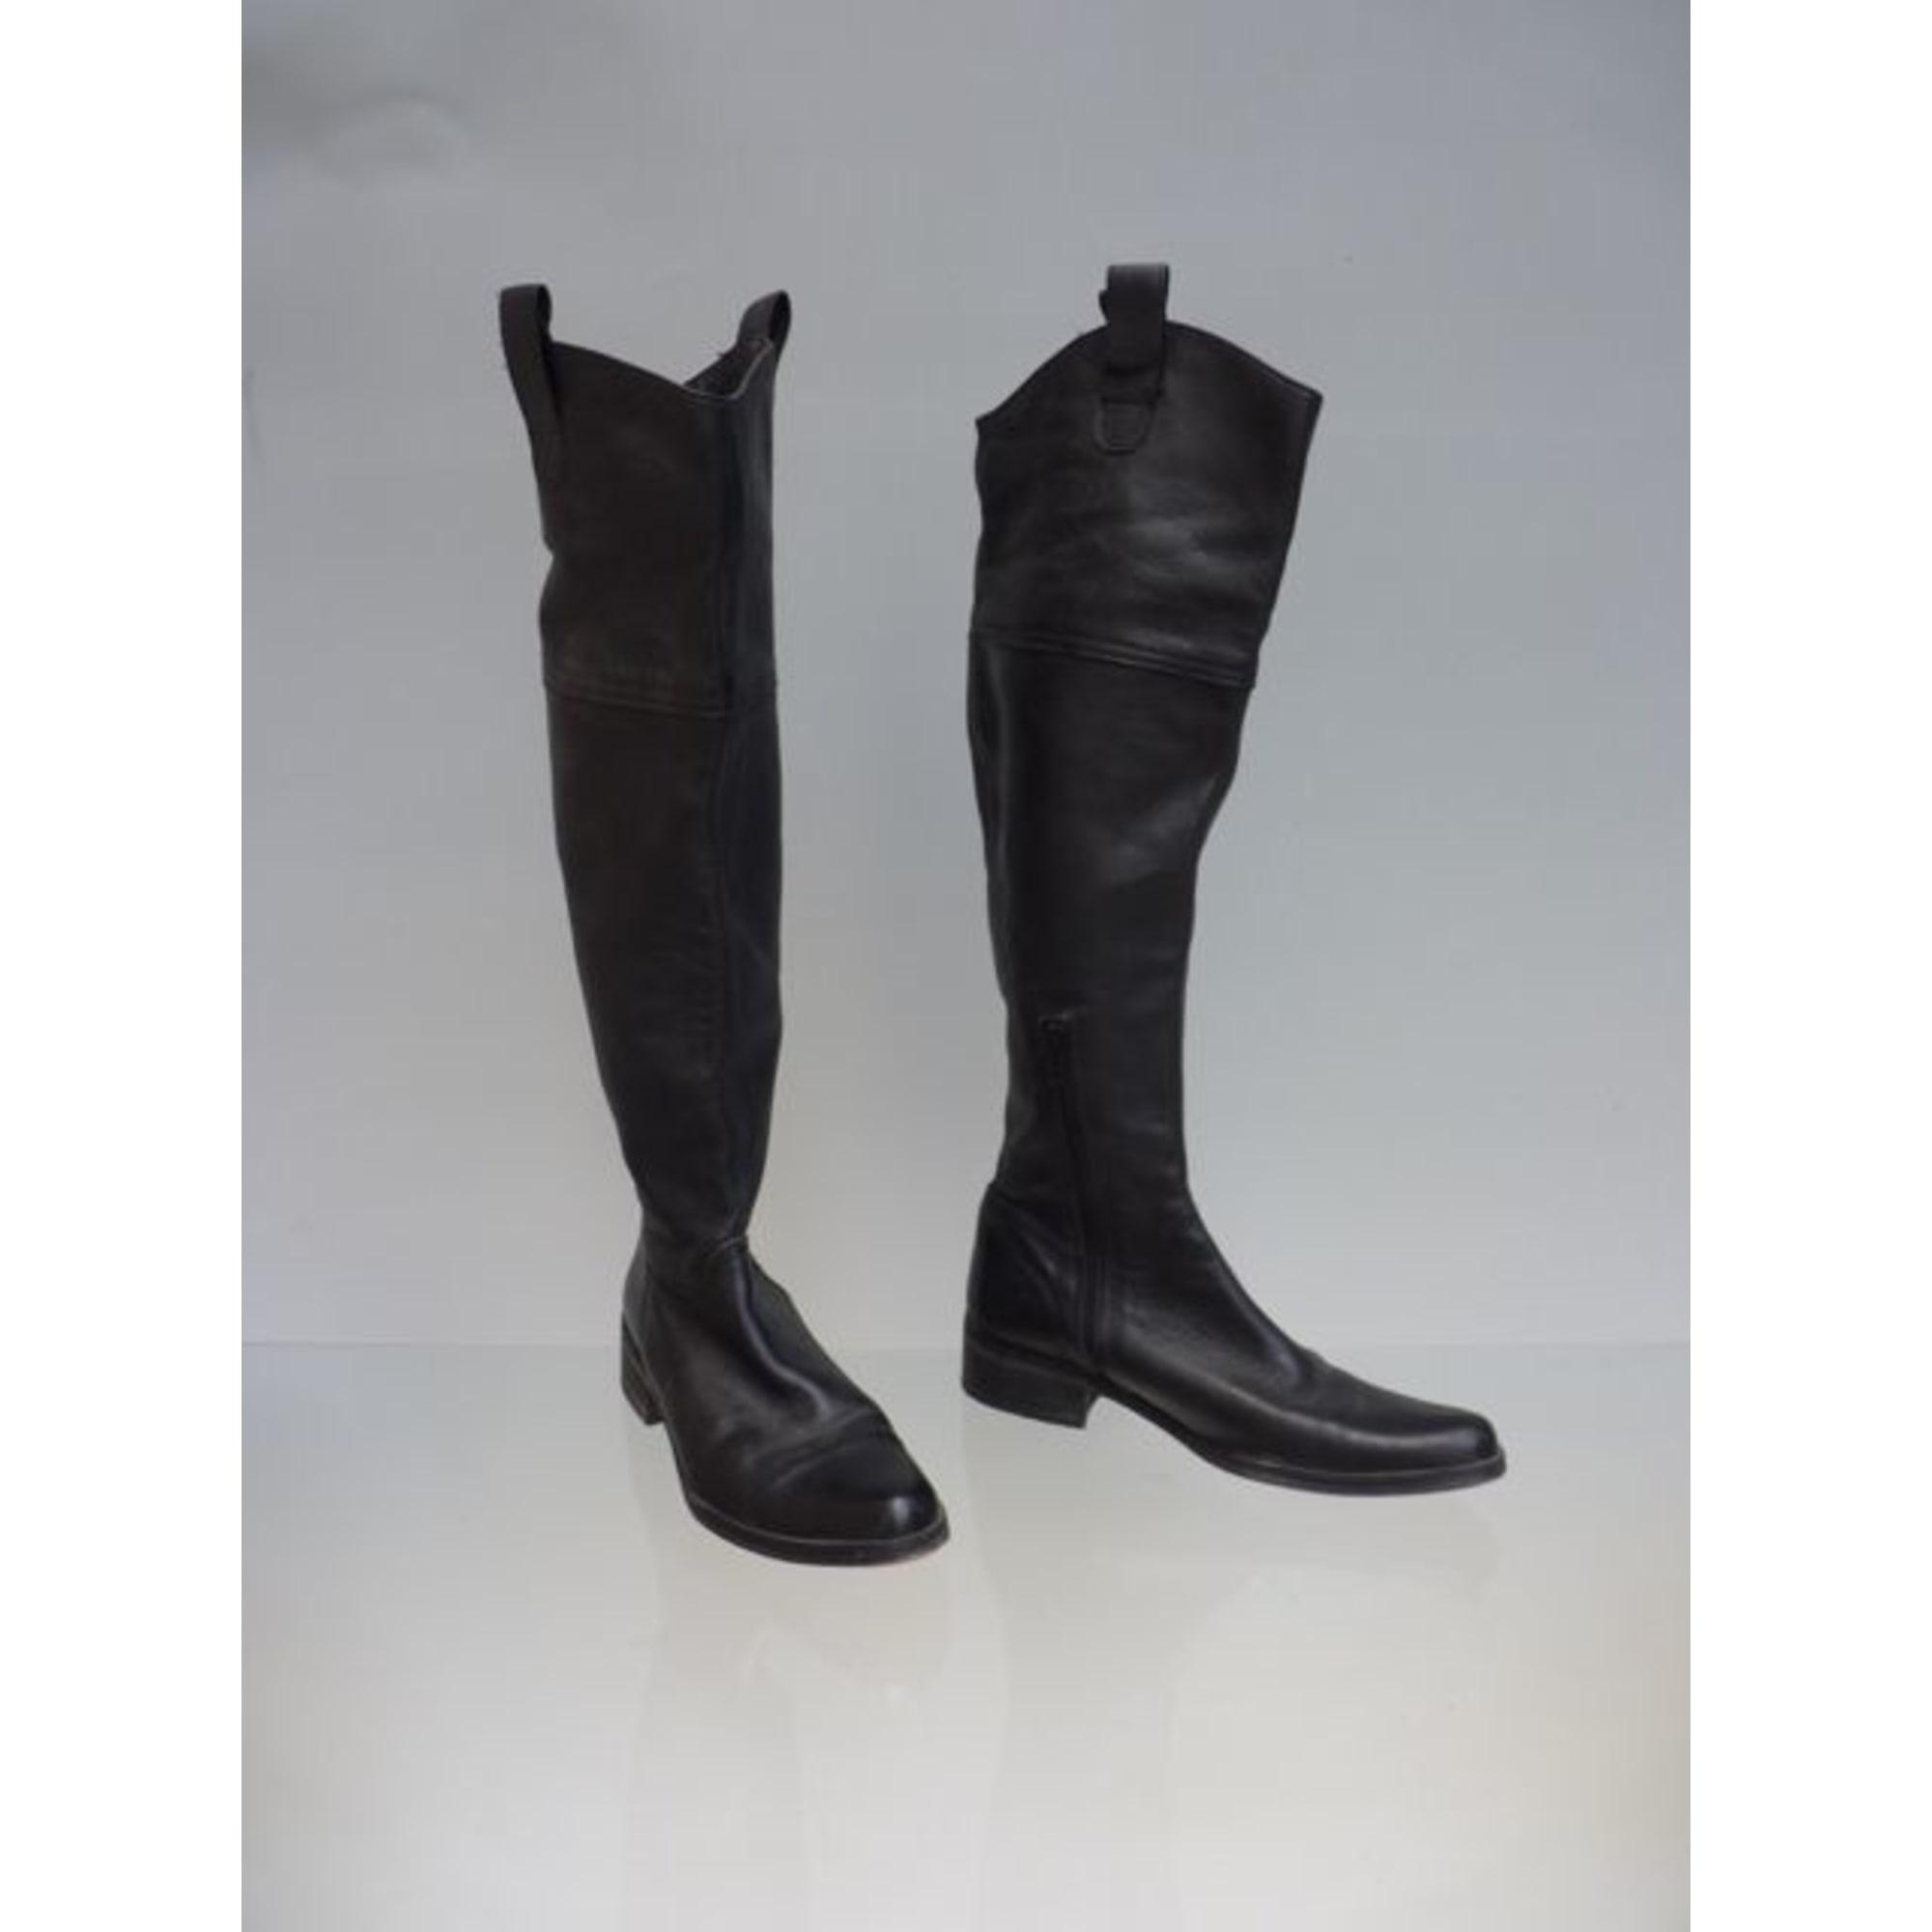 Bottes cuissards ZAPA cuir noir 37 FyIjz6c